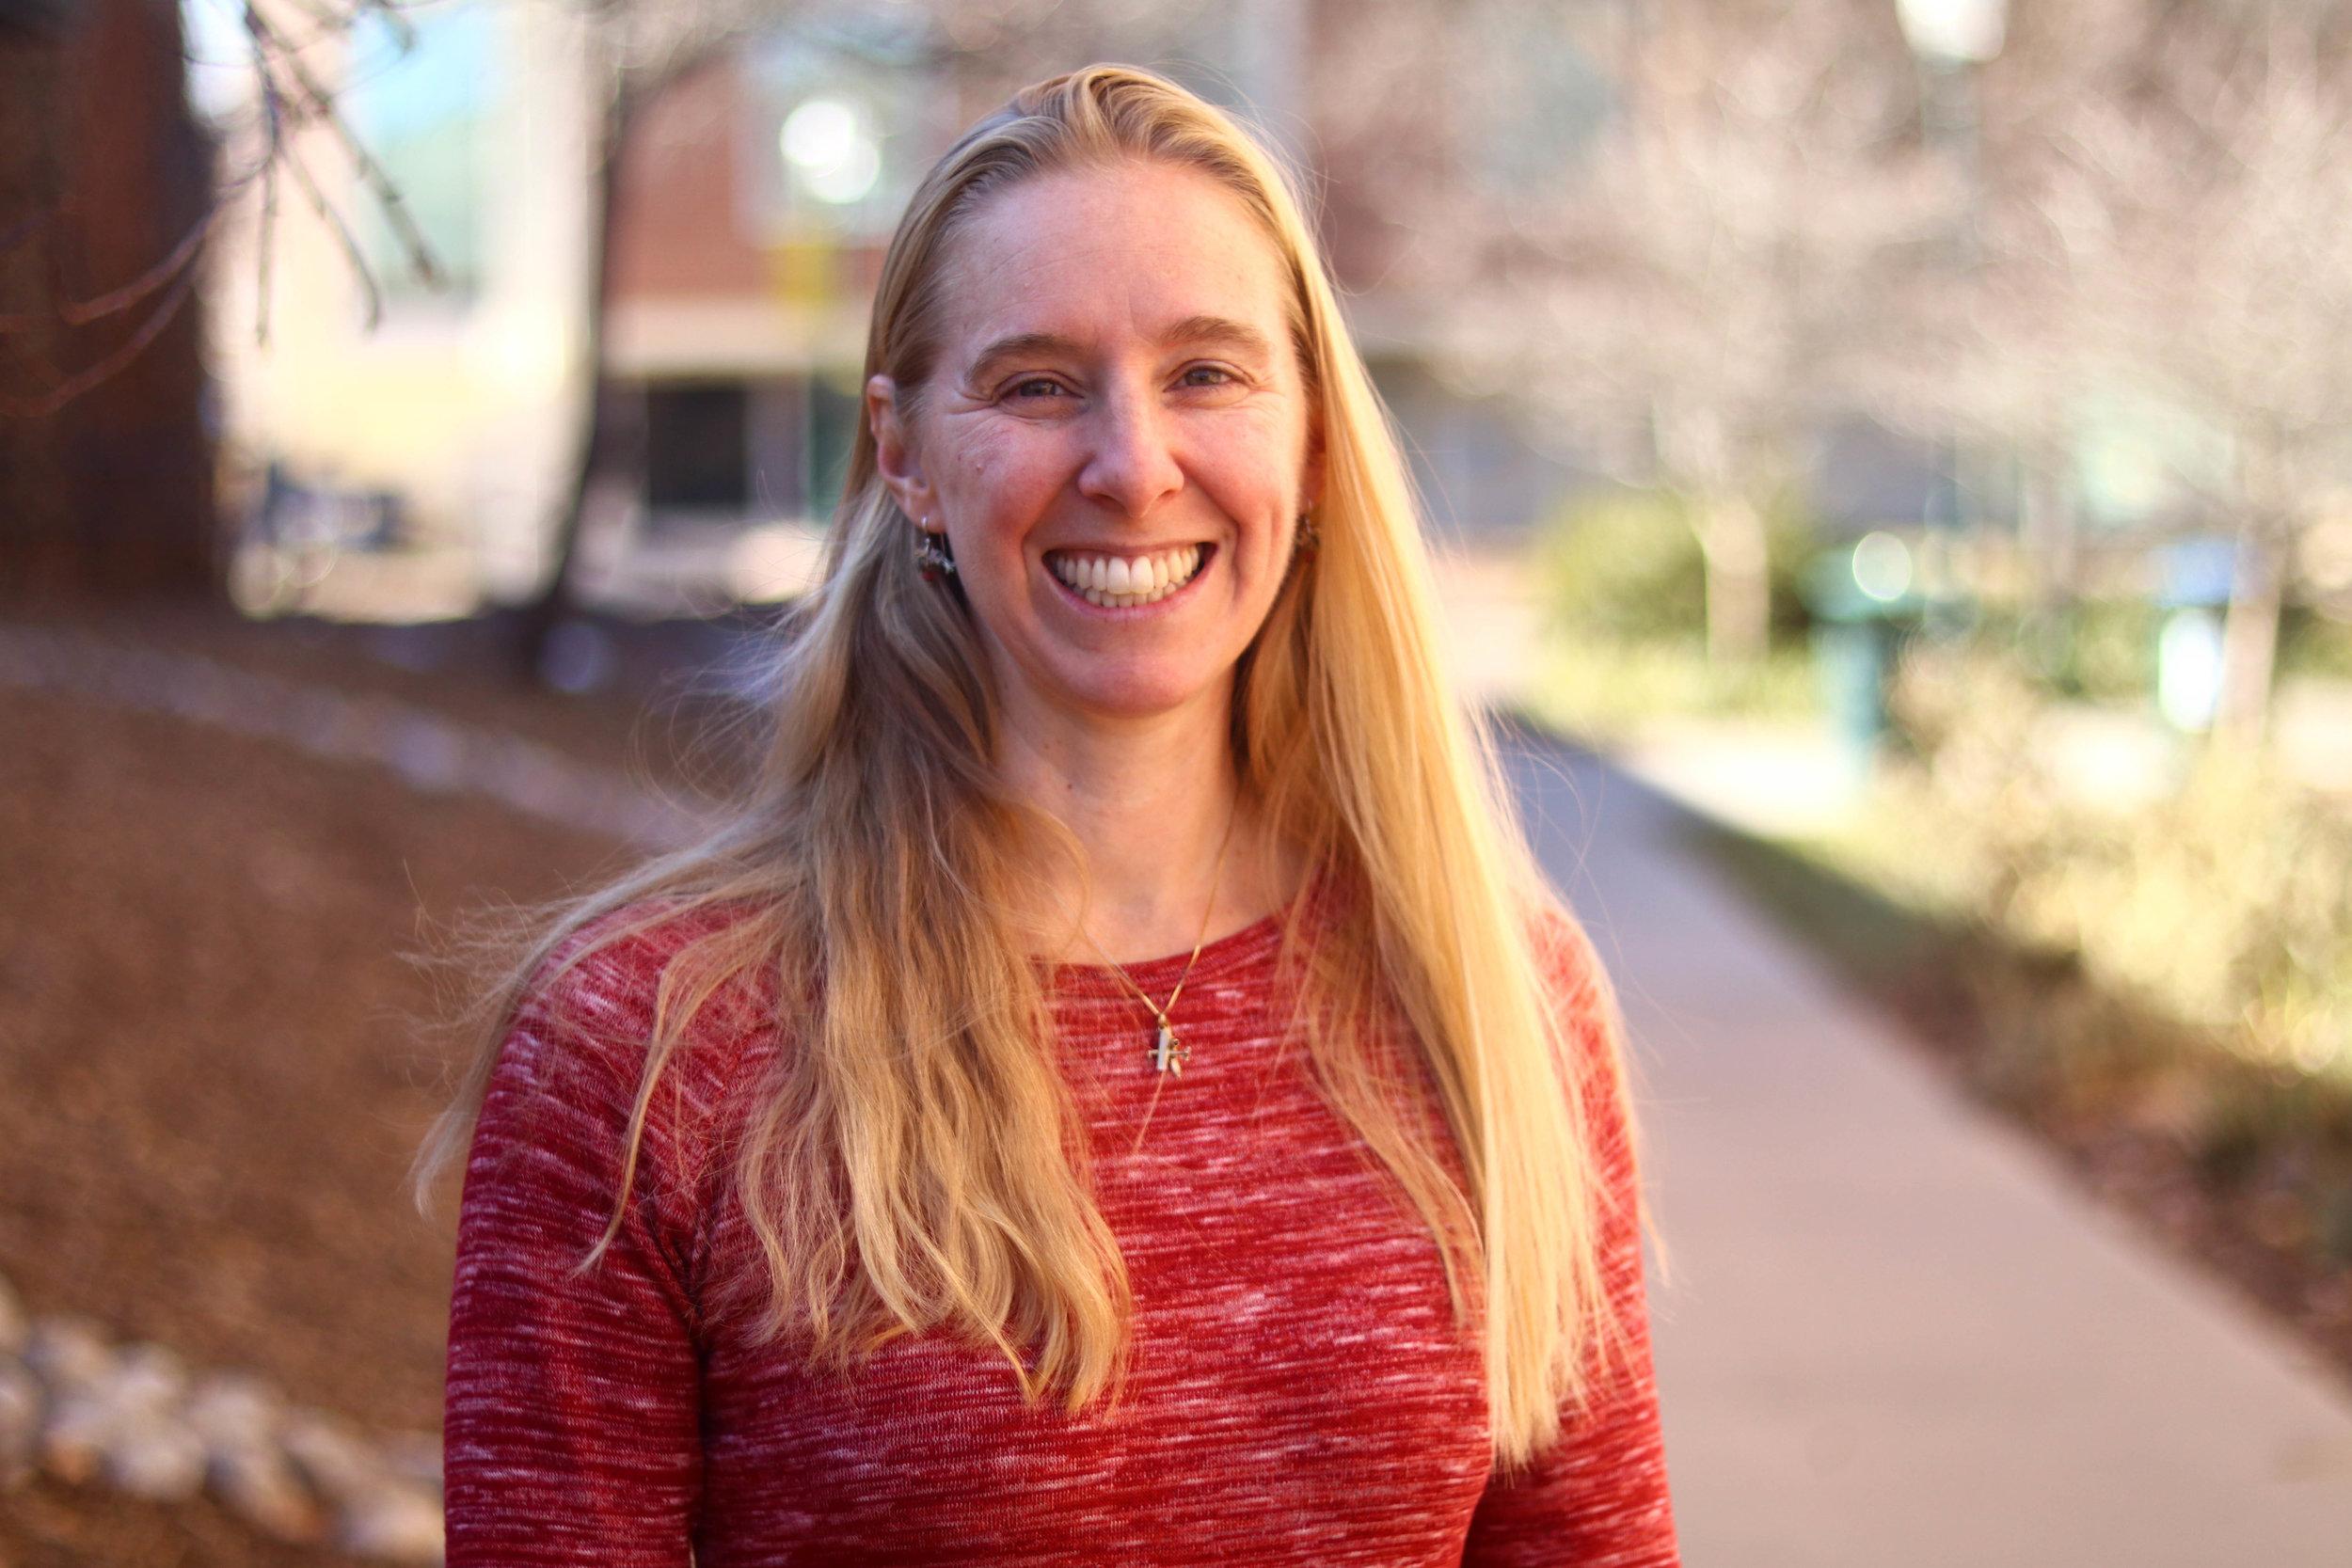 Dr. Lea Stenerson of Regis University //Frances Meng-Frecker